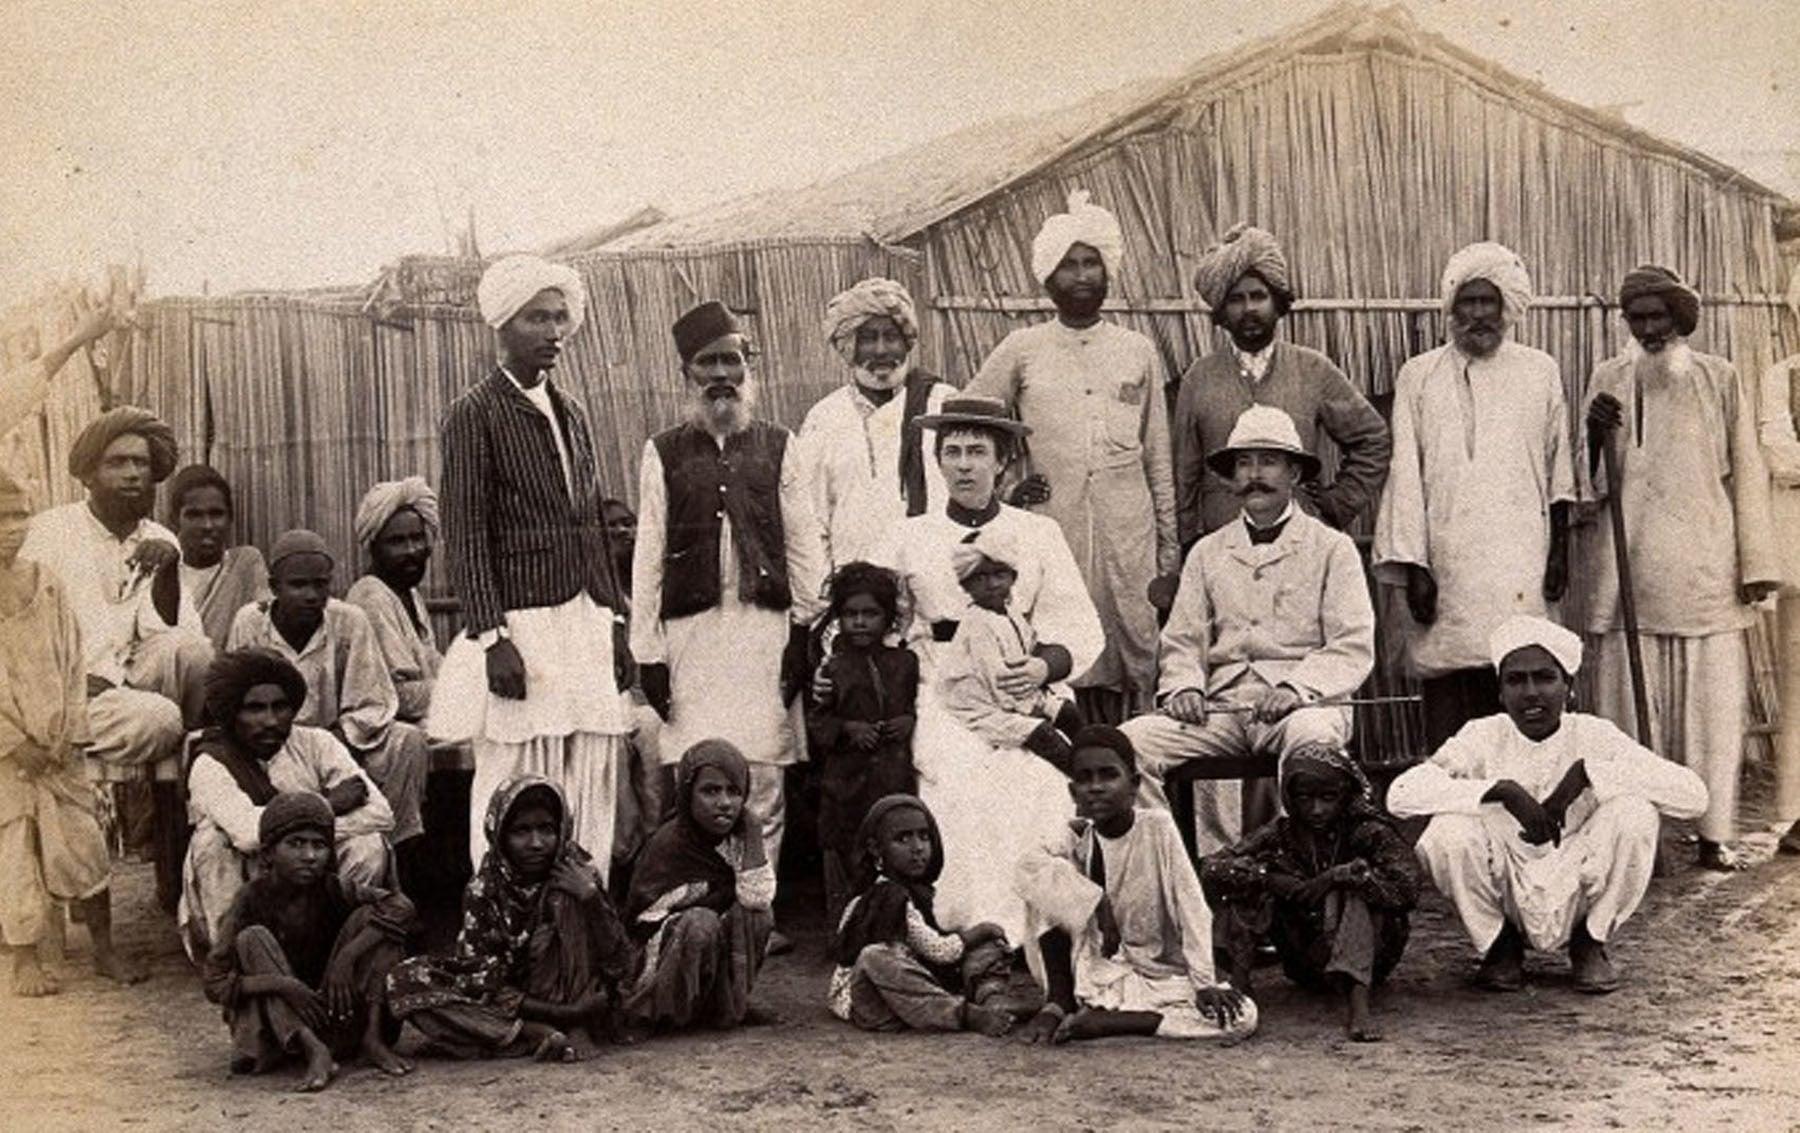 کراچی میں طاعون کی وبائی پھوٹ کے دوران ہسپتال عملے کی لی گئی تصویر—Wellcome Library archive collection